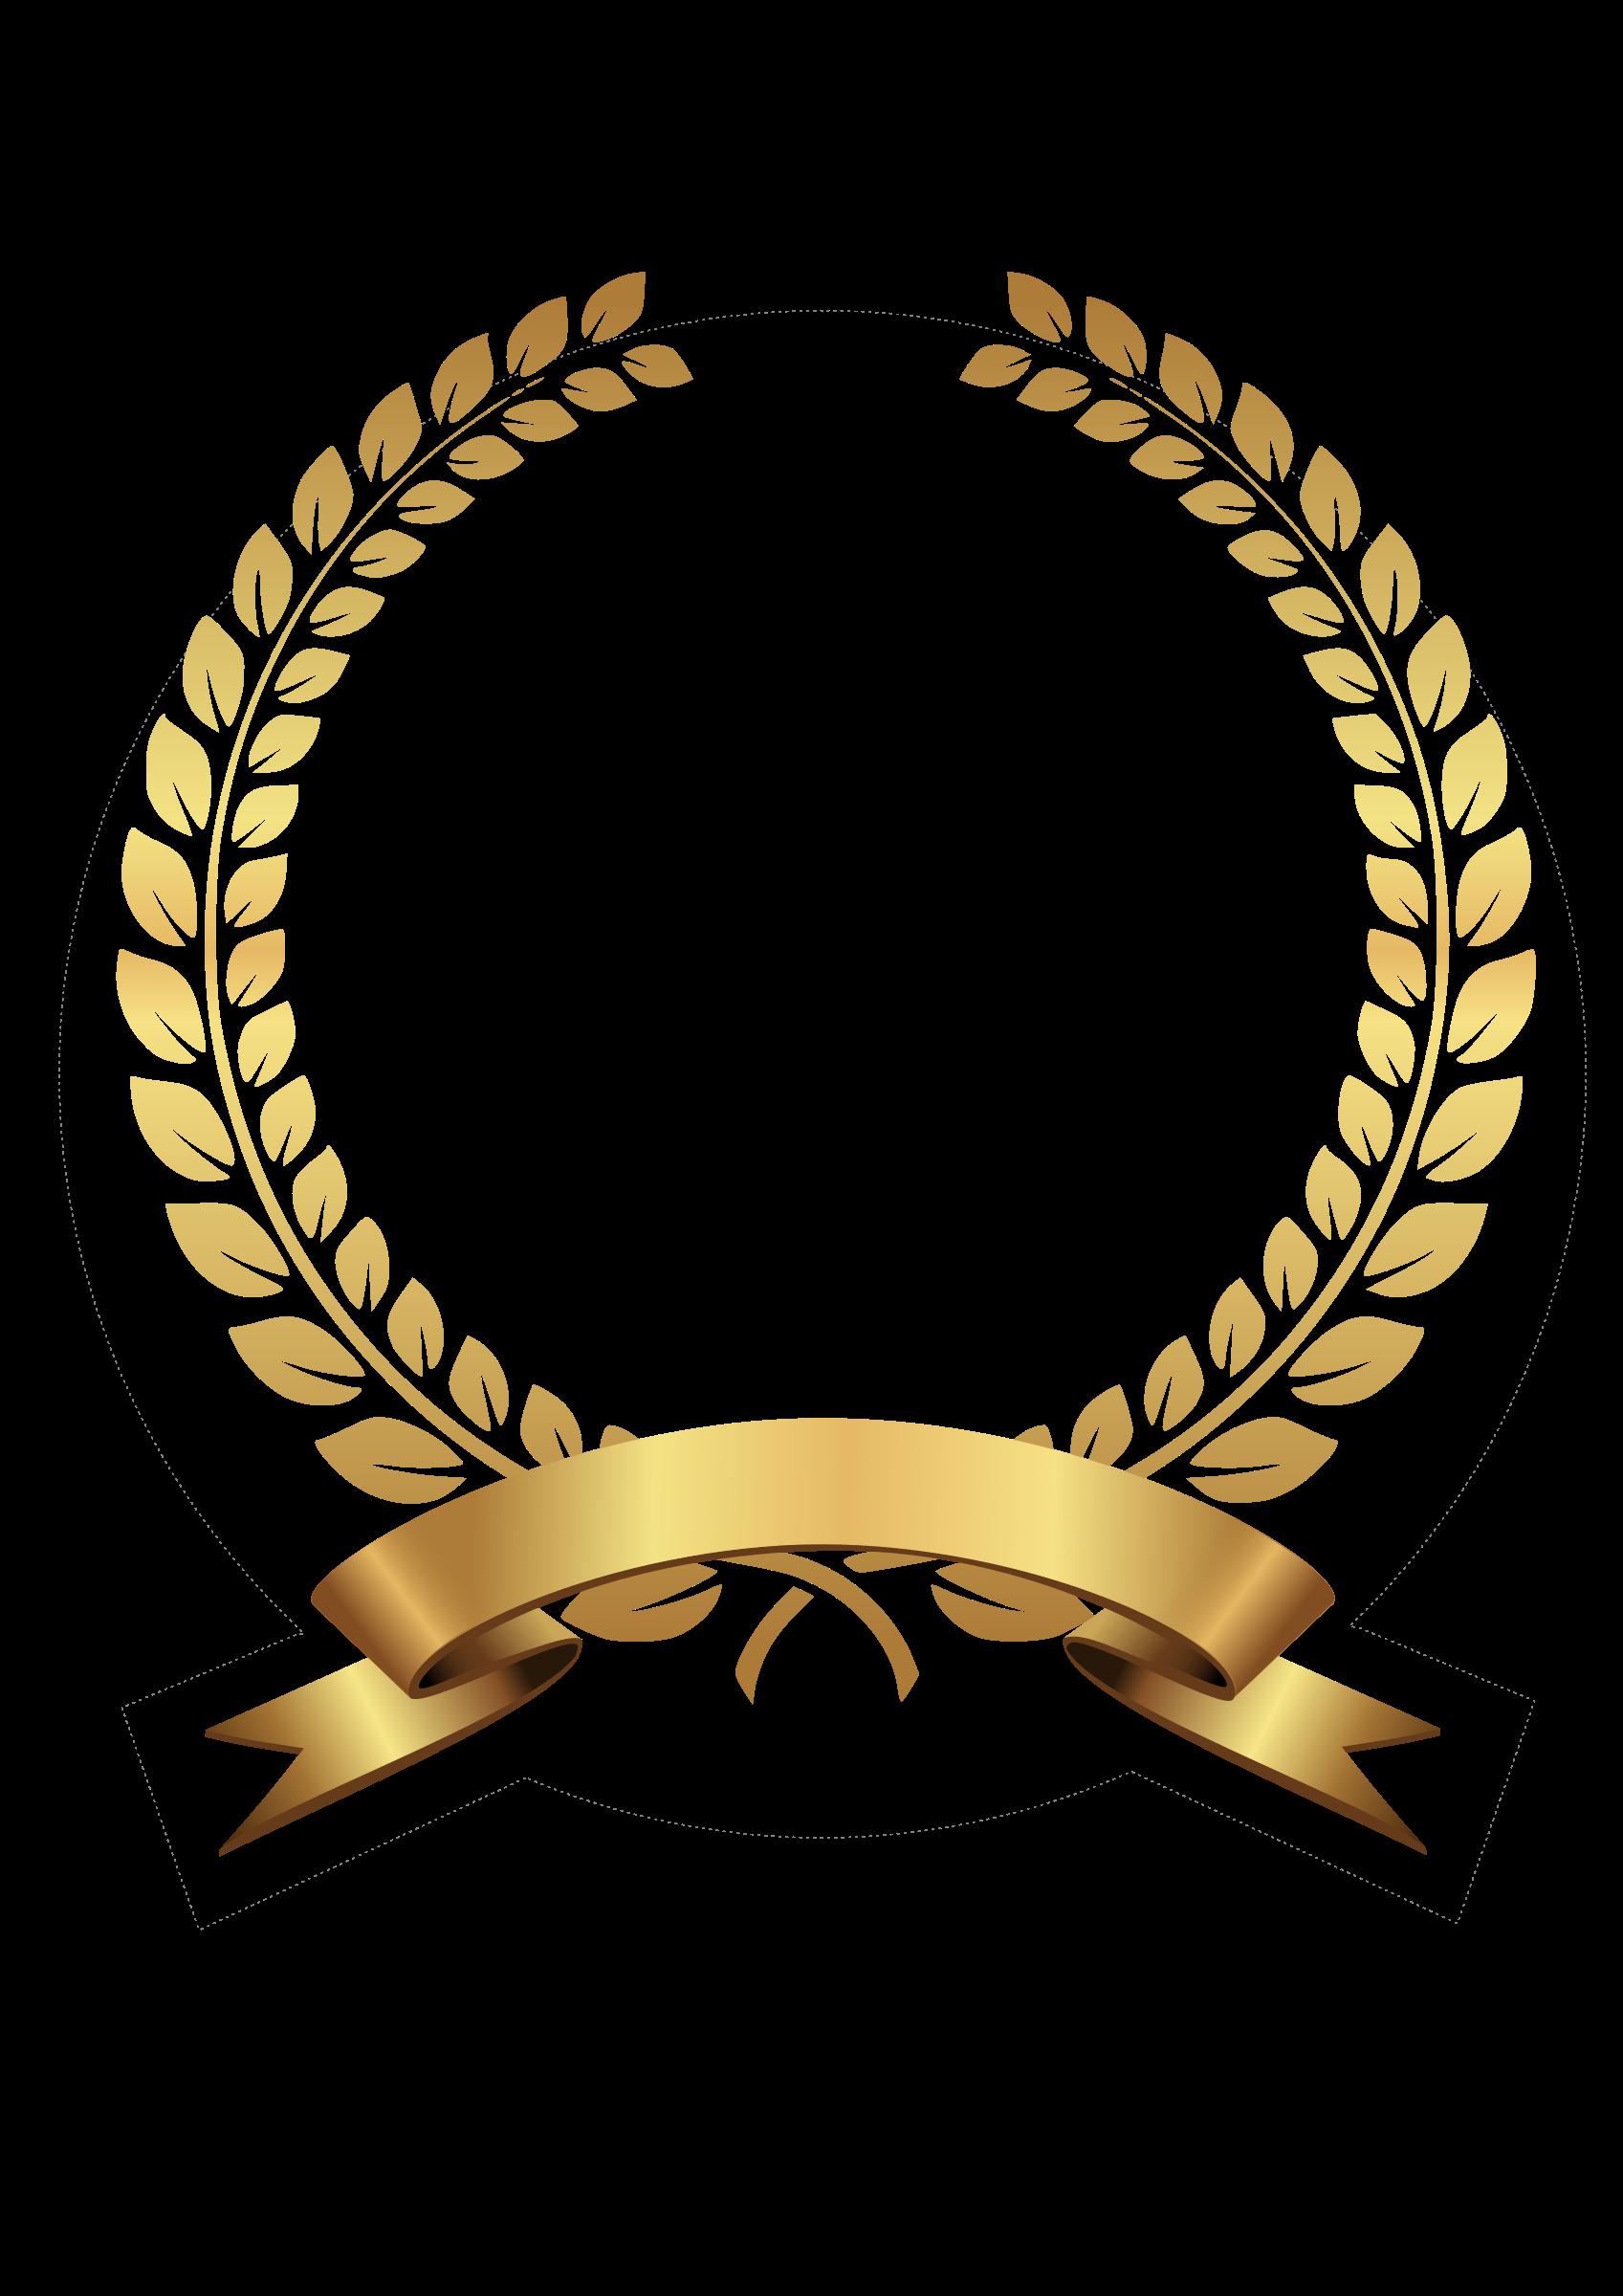 Clipart - golden laurel wreath